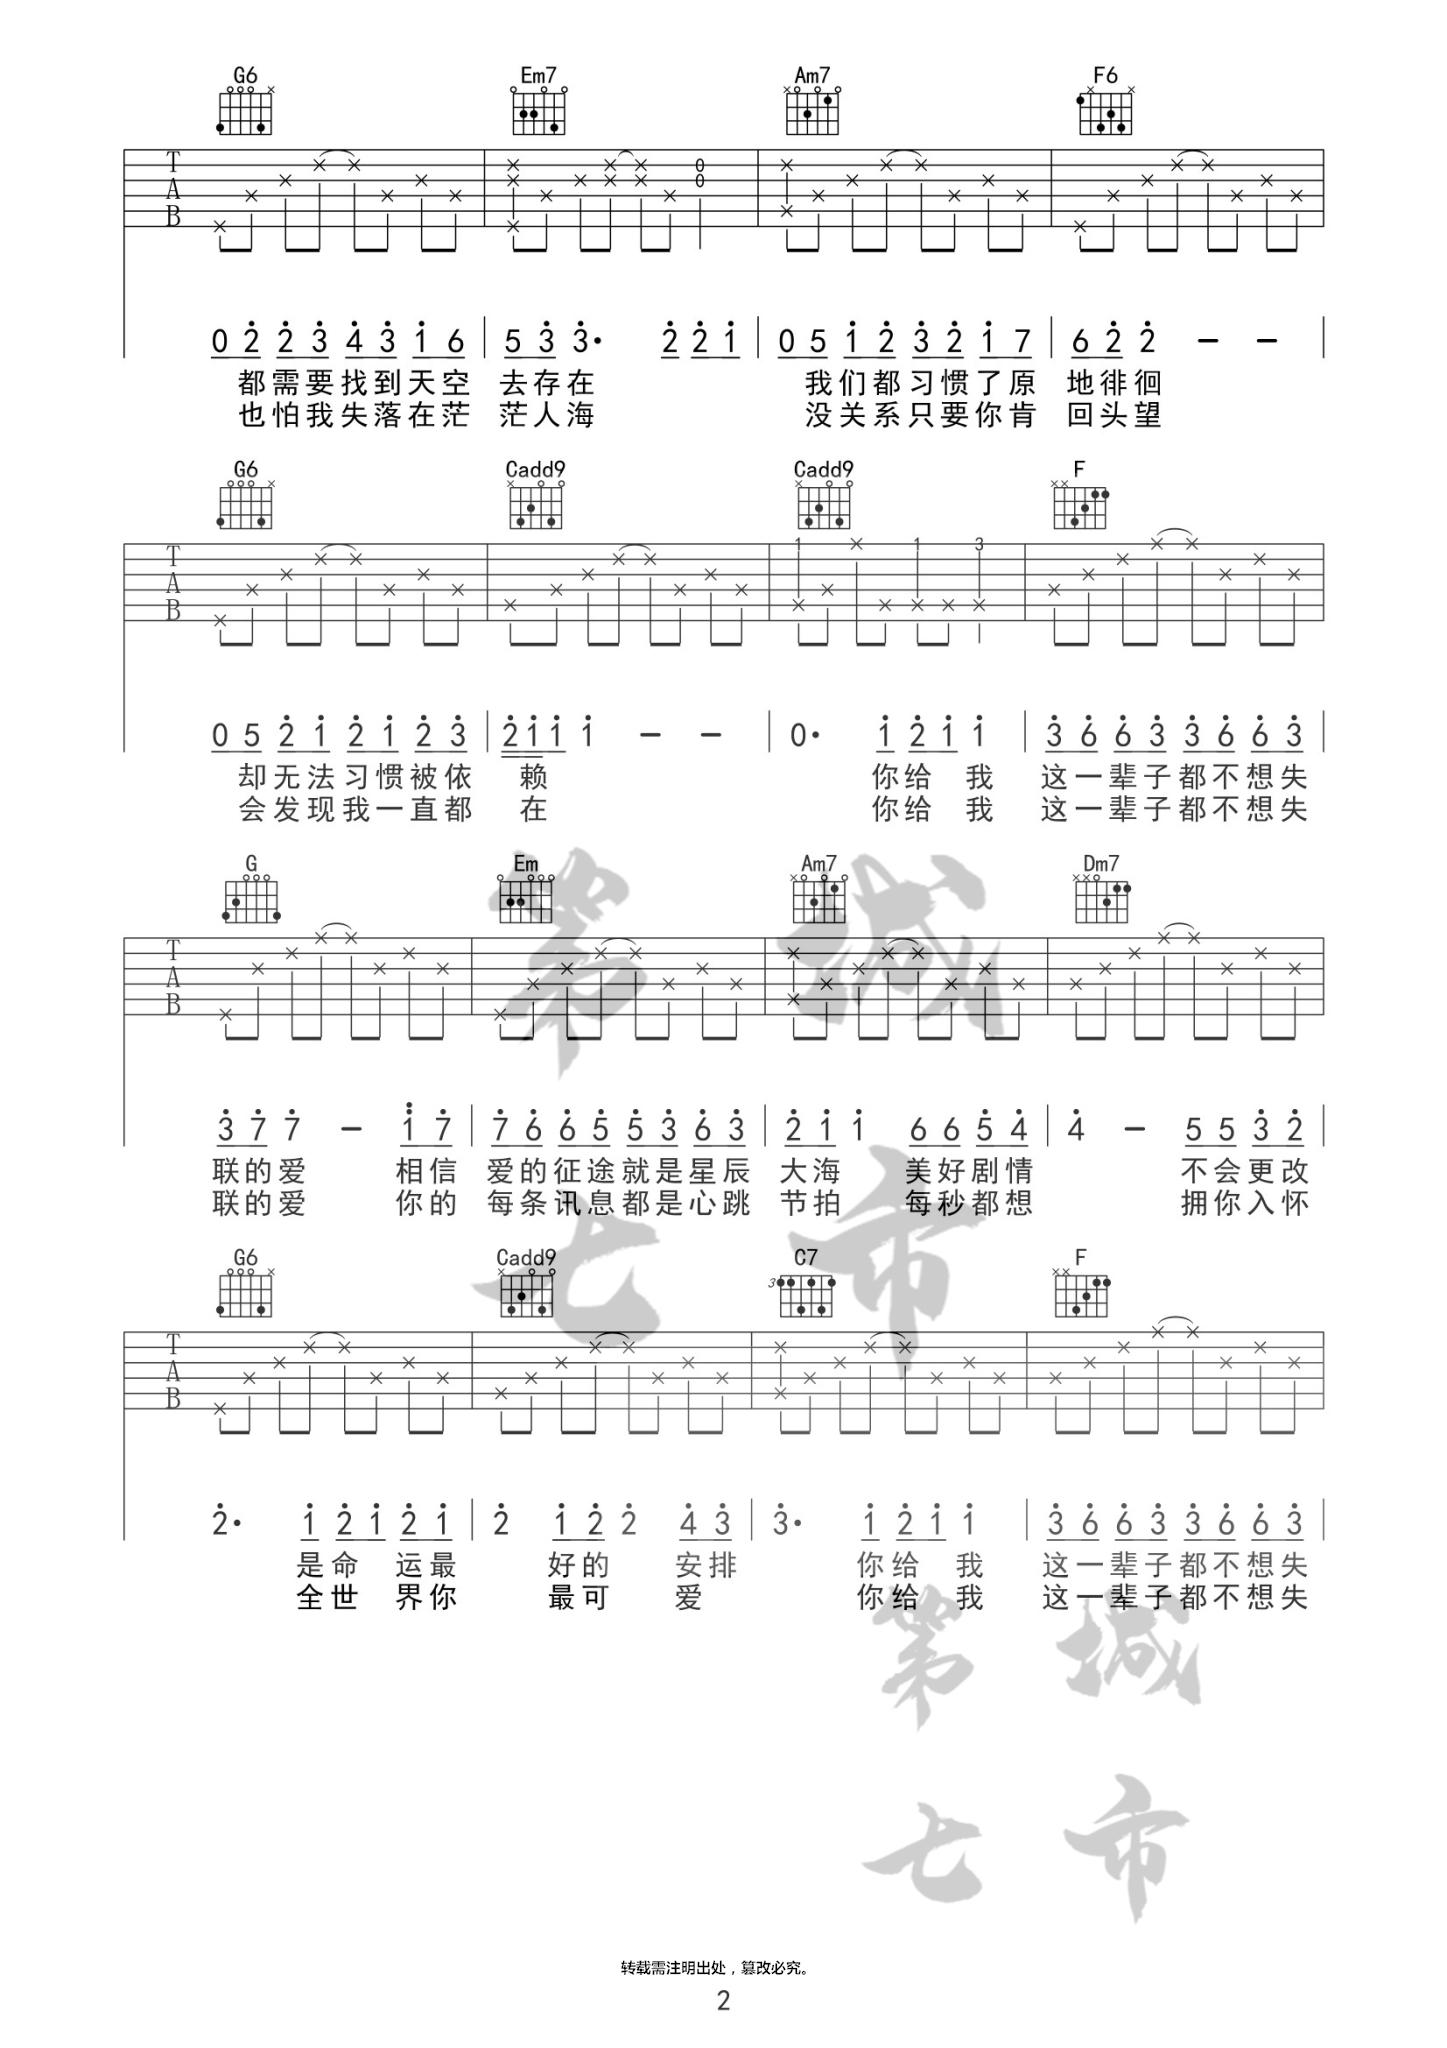 吉他派永不失联的爱吉他谱第七城市版-2